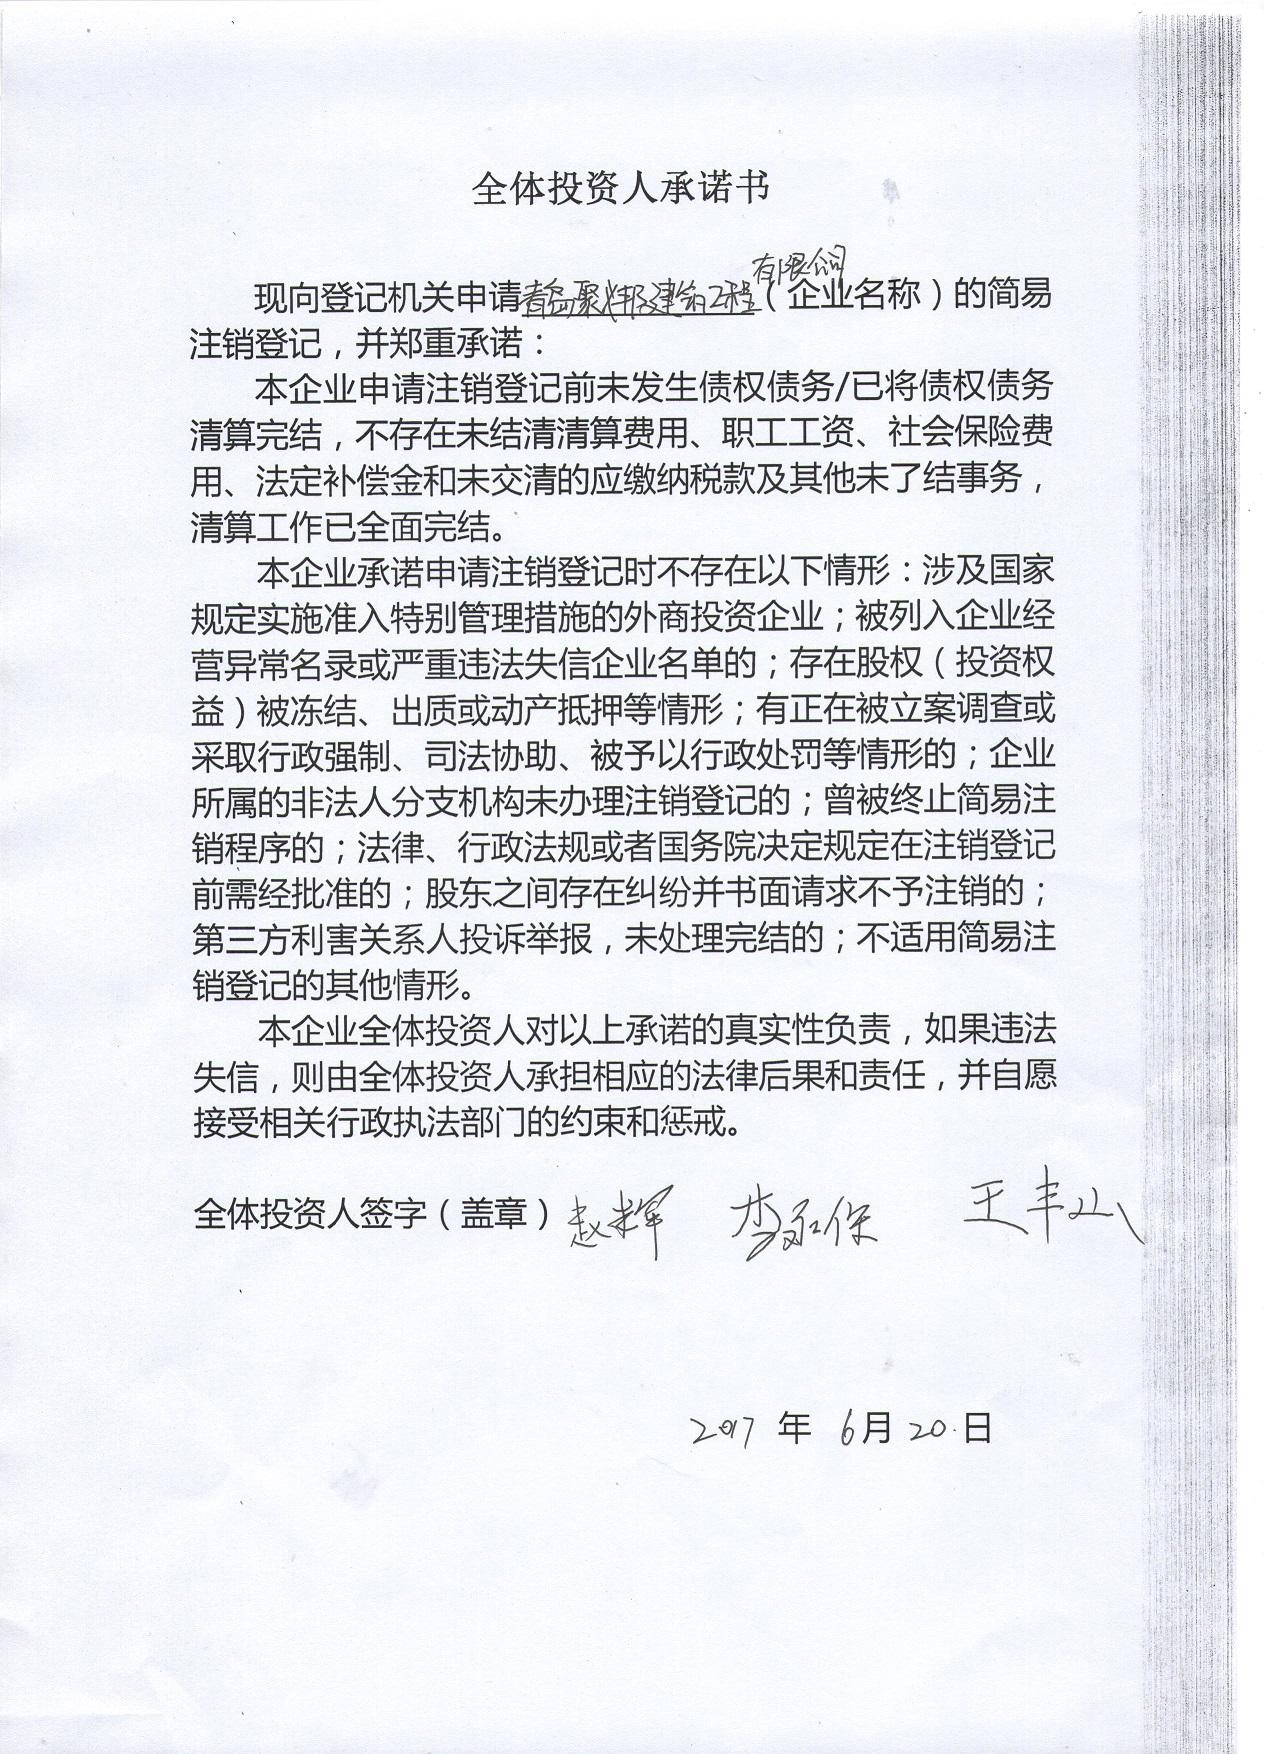 青岛聚义邦建筑工程有限公司-赵本军【工商信息-电话